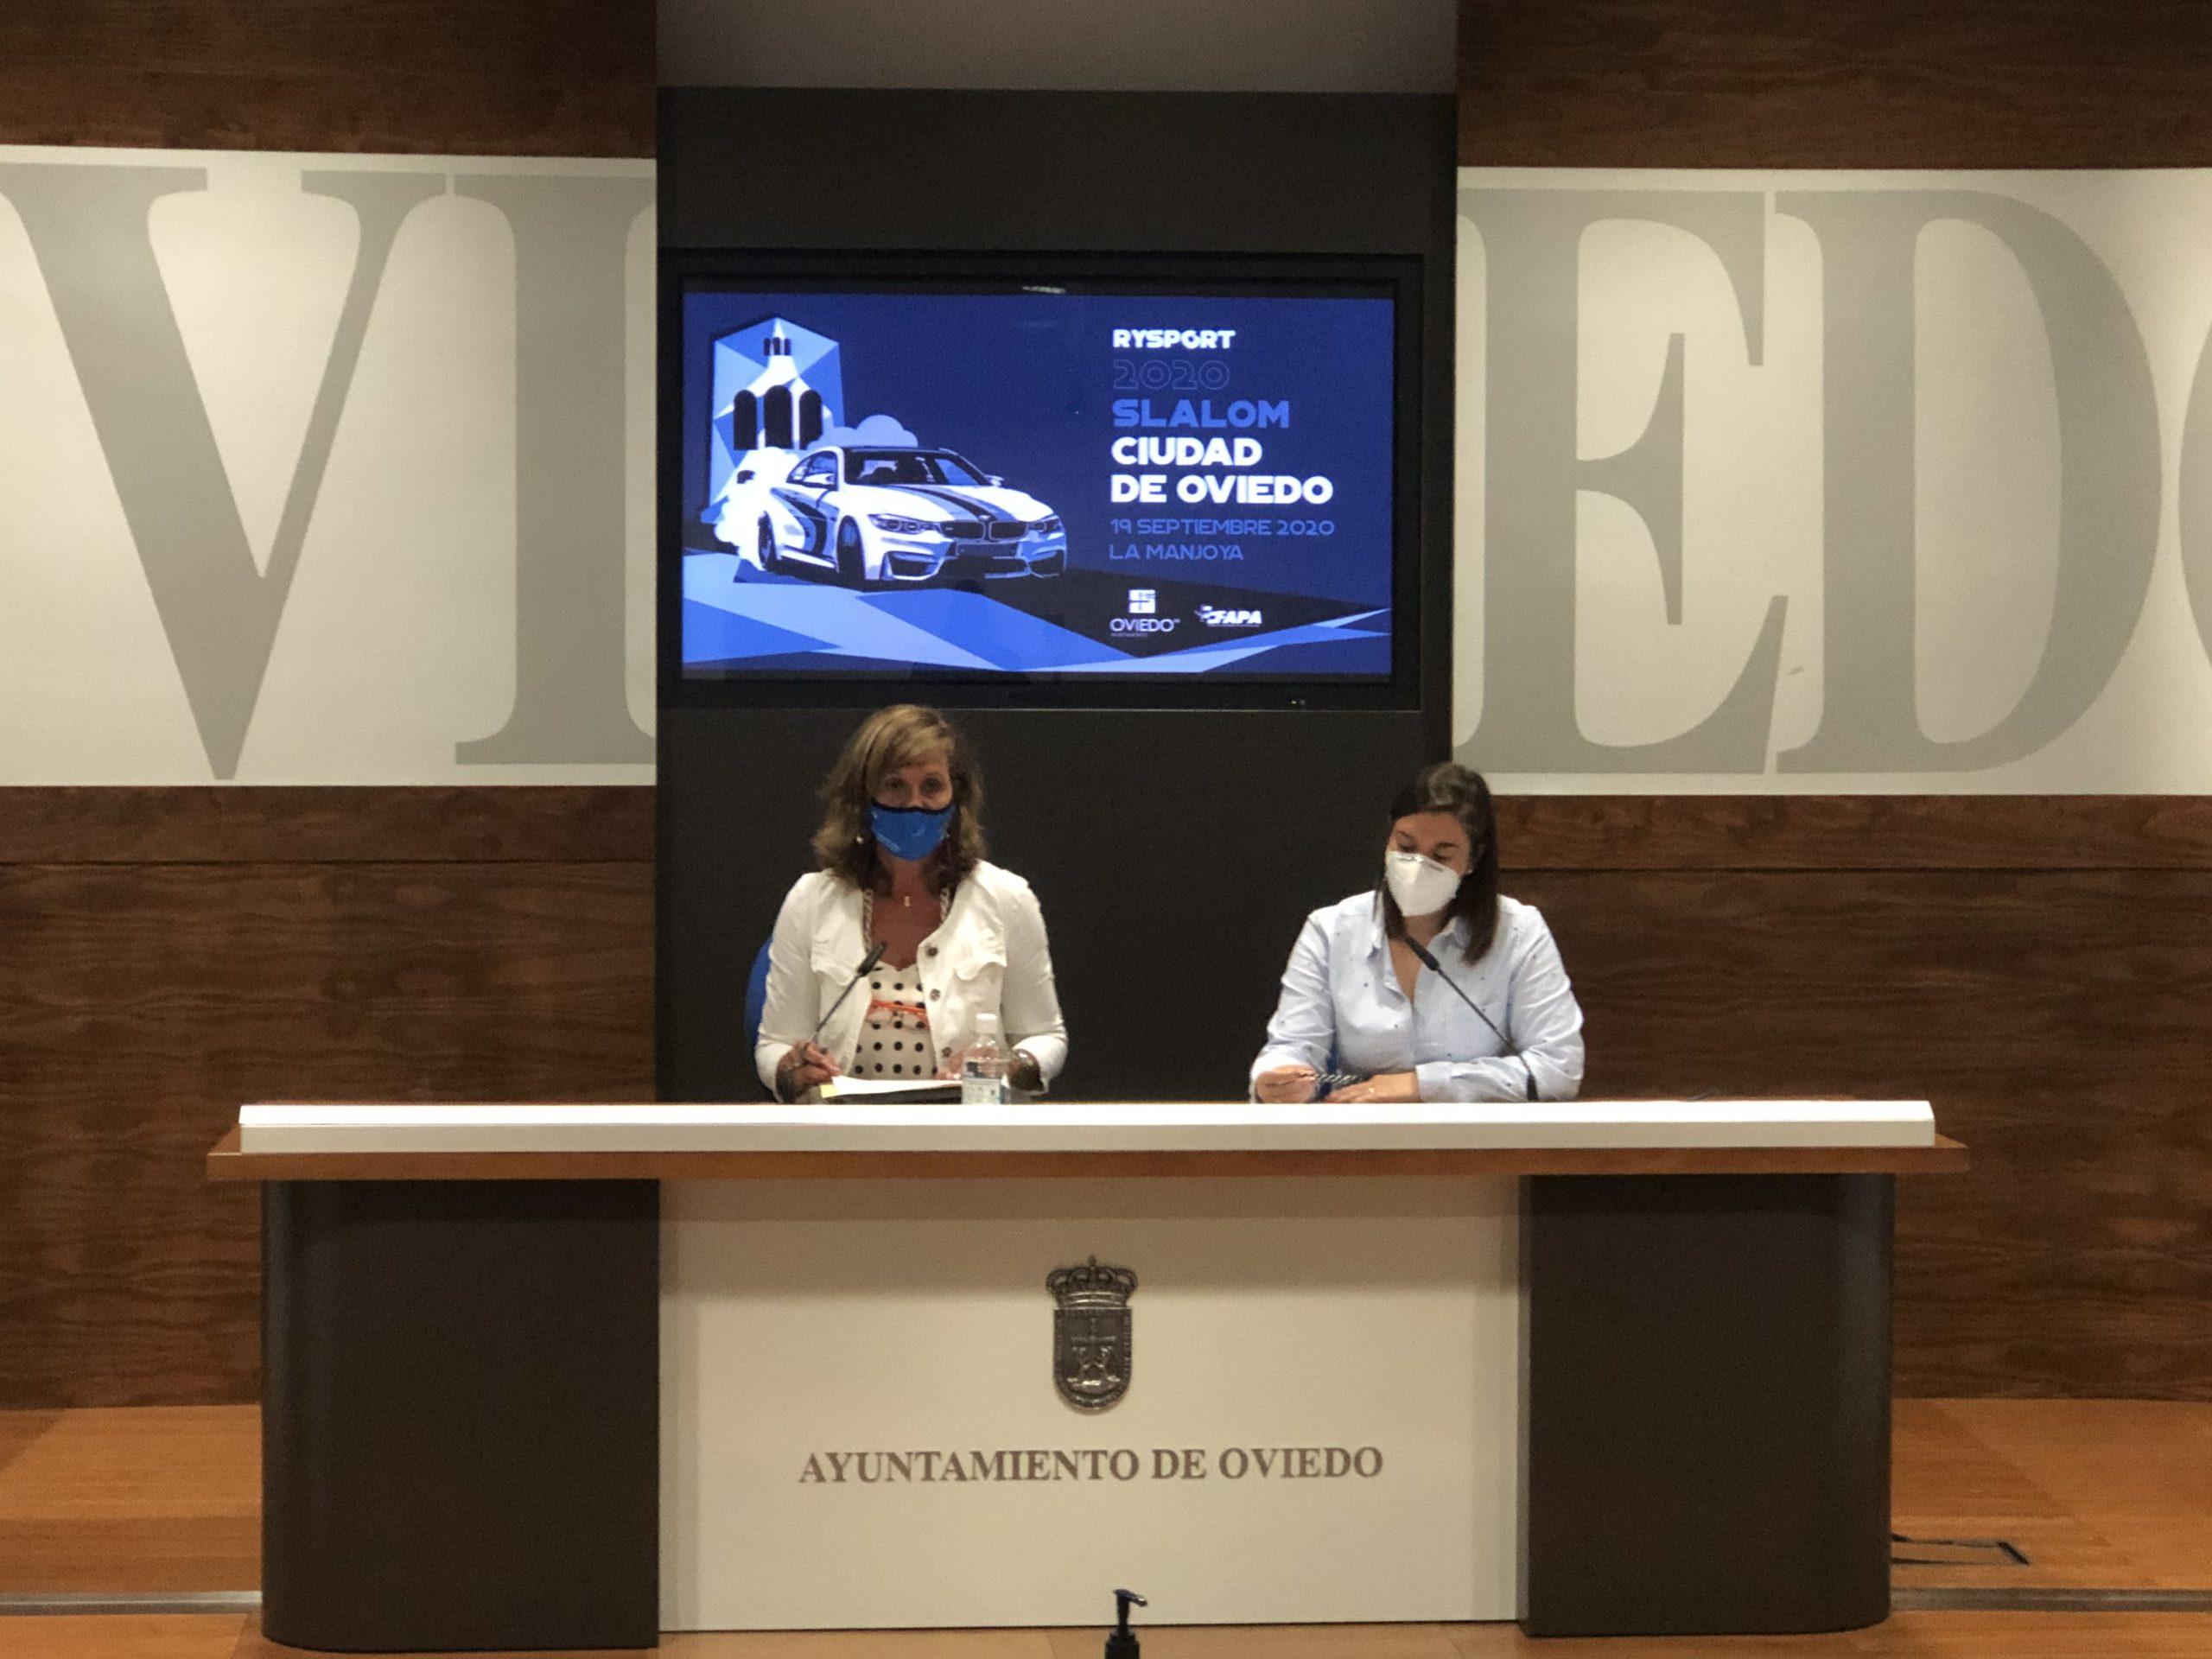 Presentado a los medios el Slalom Ciudad de Oviedo 2020 en el Ayuntamiento de Oviedo